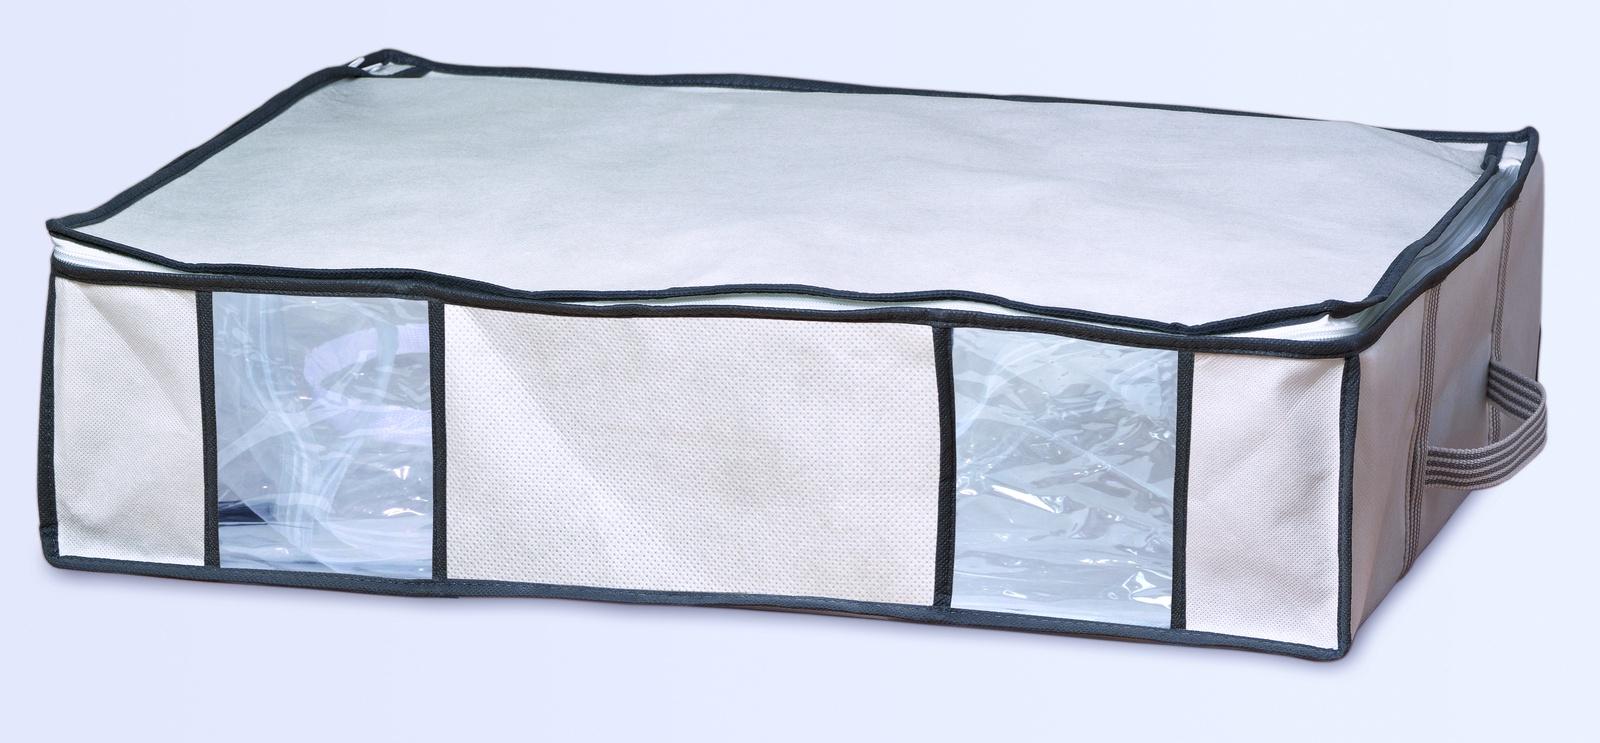 купить Набор для хранения вещей Bella Casa «Multi», цвет: белый, 65 x 50 x 15.5 см. AZ25512 по цене 2269 рублей